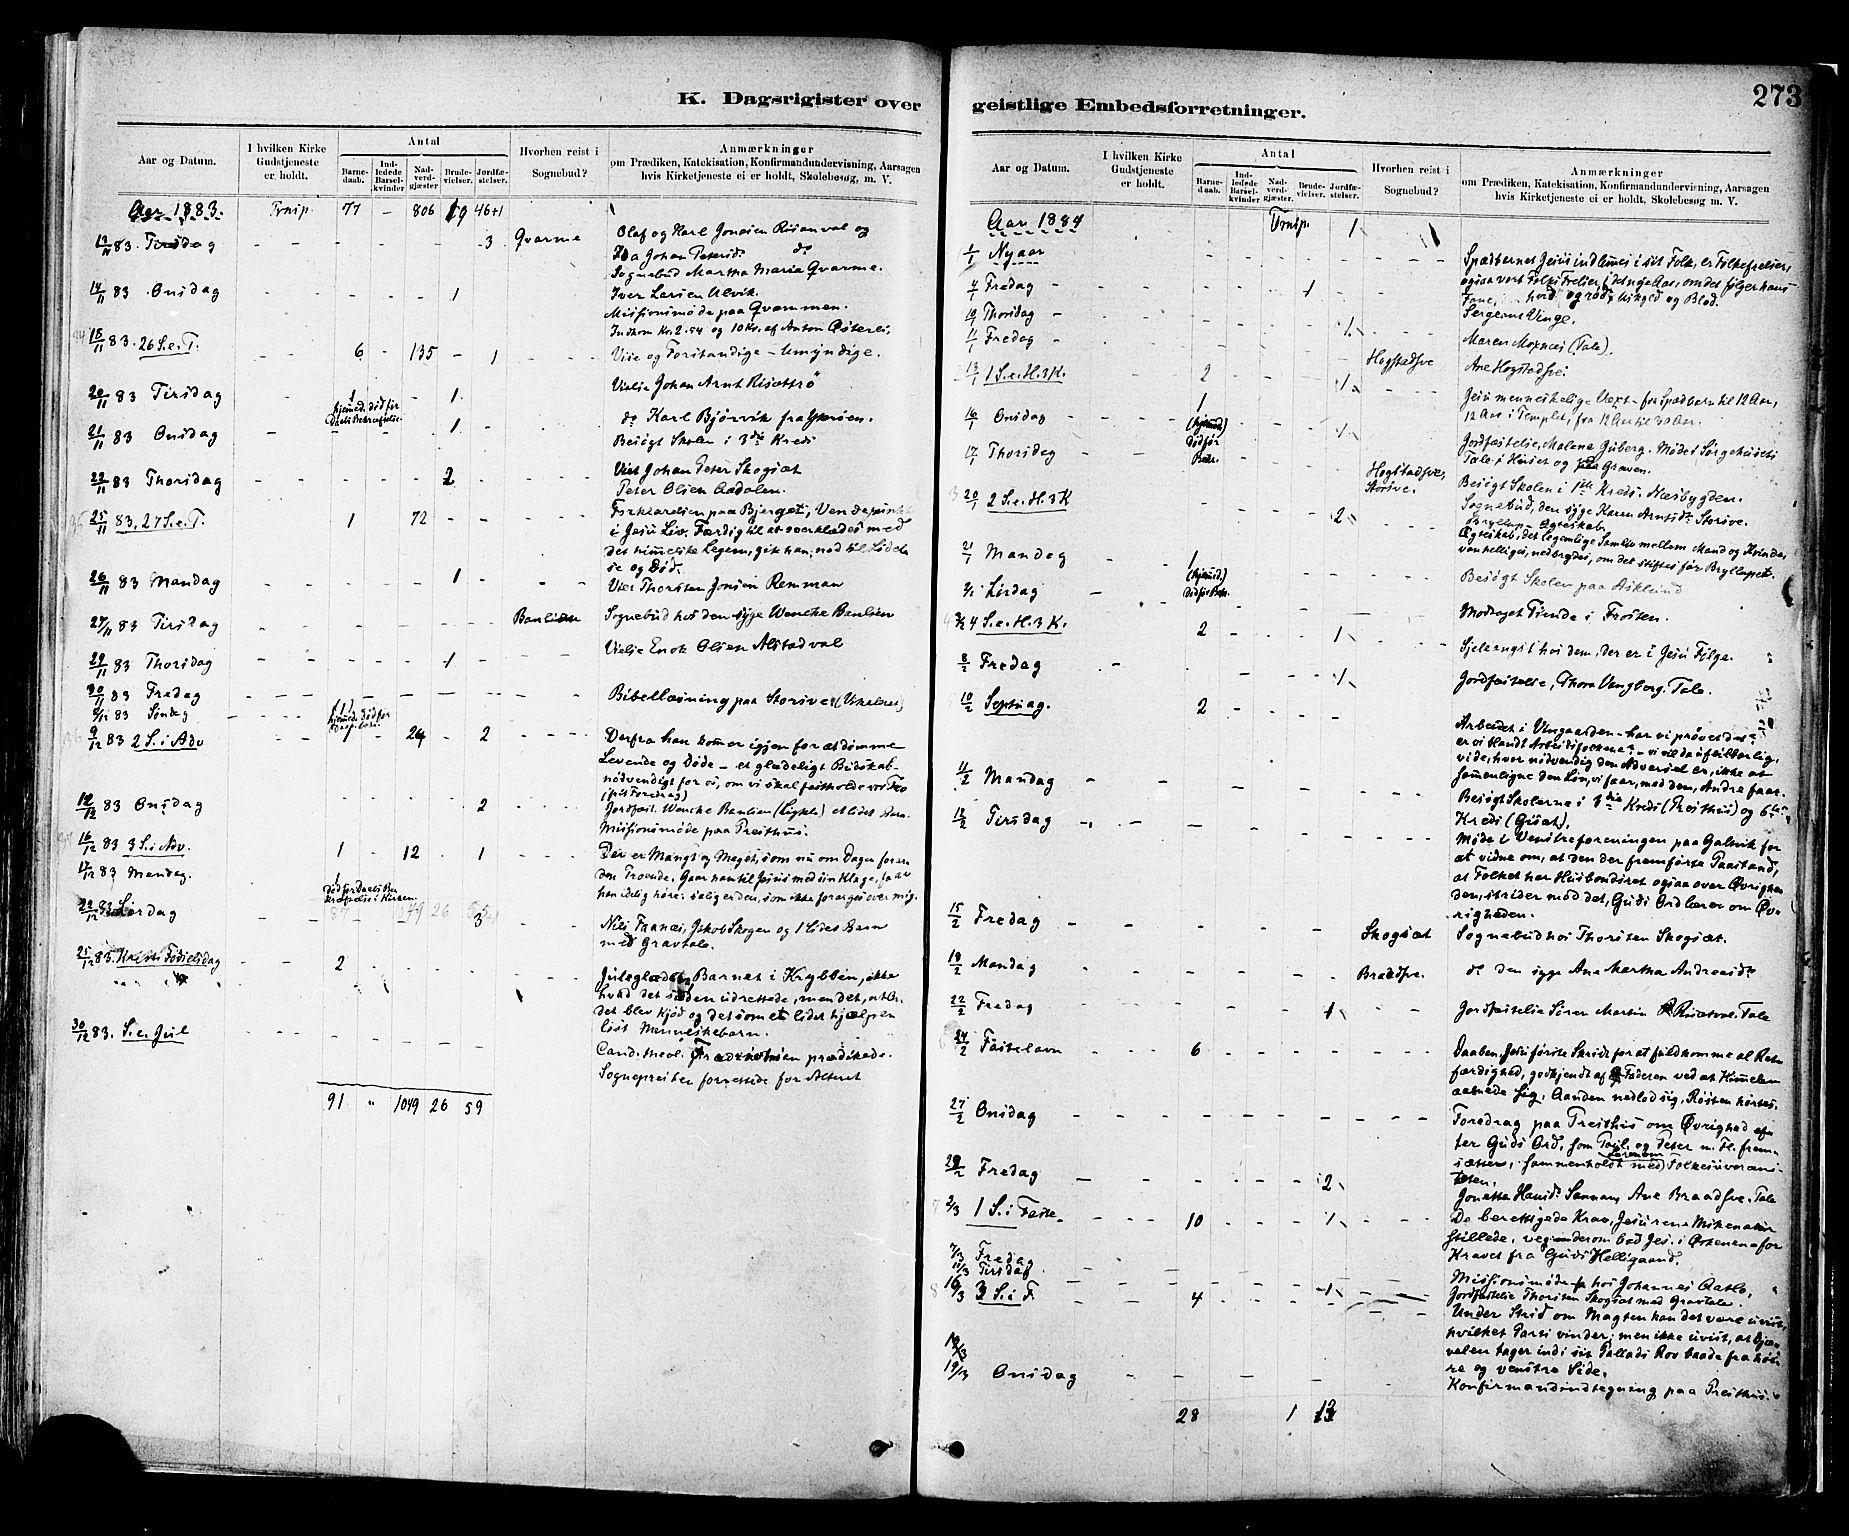 SAT, Ministerialprotokoller, klokkerbøker og fødselsregistre - Nord-Trøndelag, 713/L0120: Ministerialbok nr. 713A09, 1878-1887, s. 273